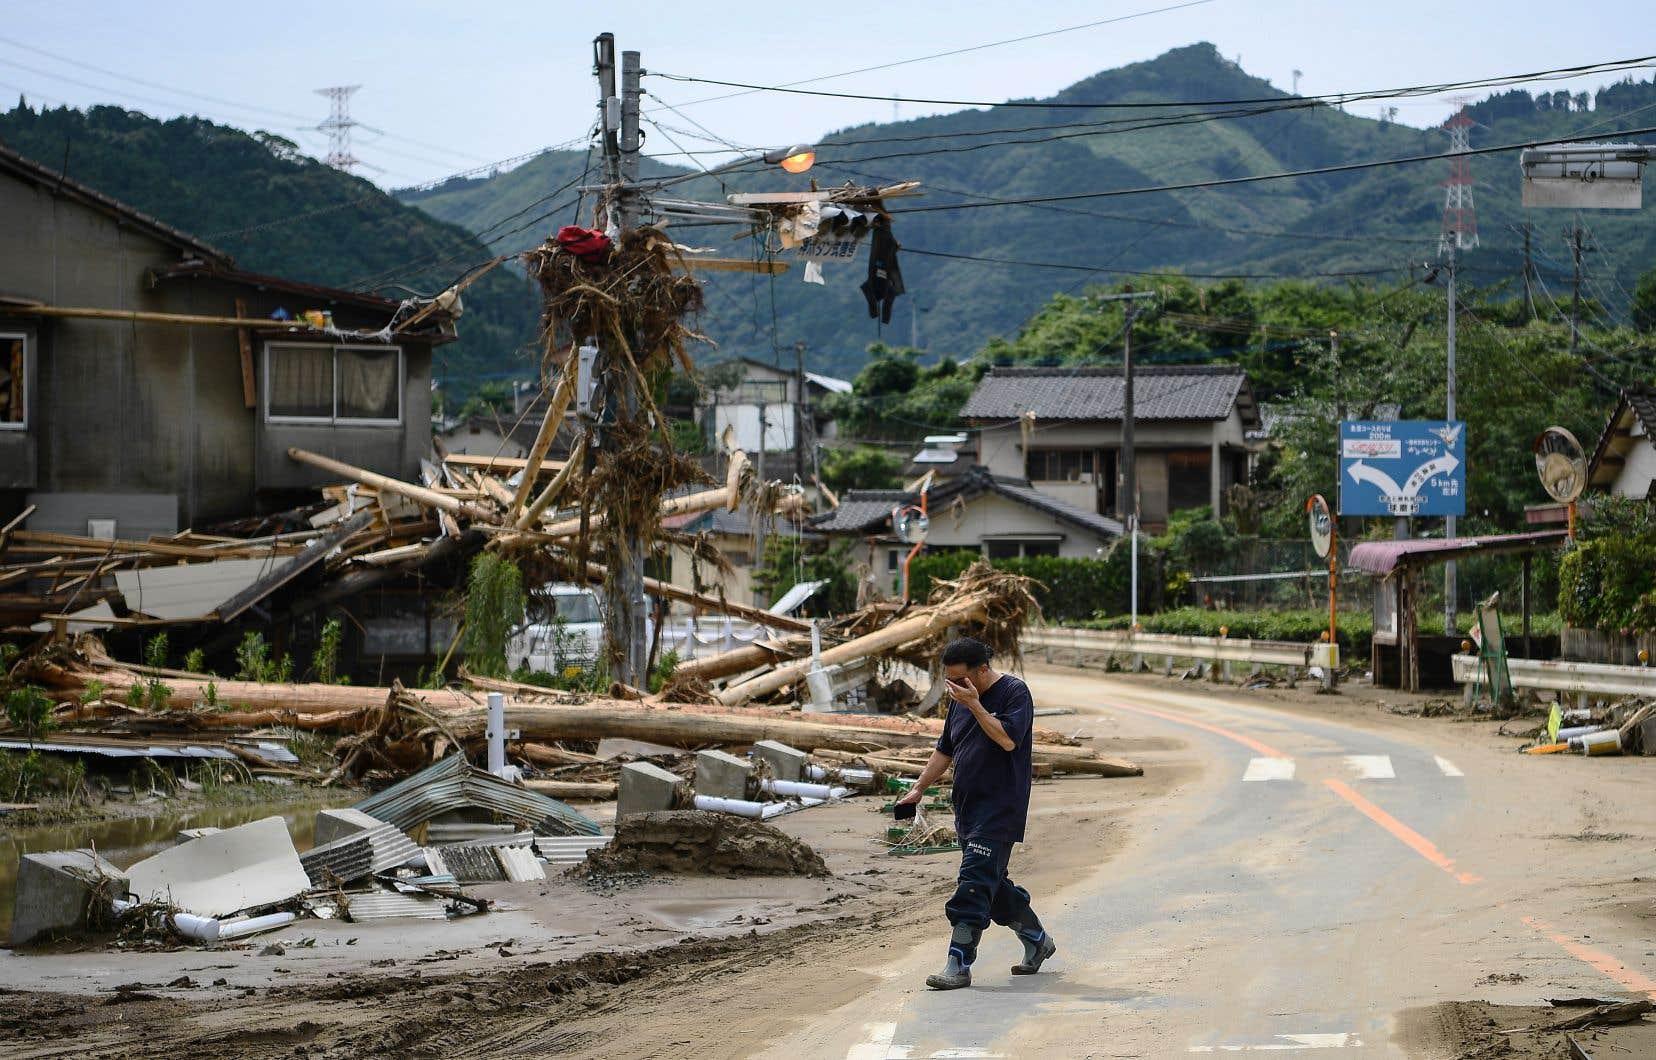 L'Agence météorologique japonaise prévoit encore du mauvais temps dans une large partie du pays jusqu'à vendredi au moins.